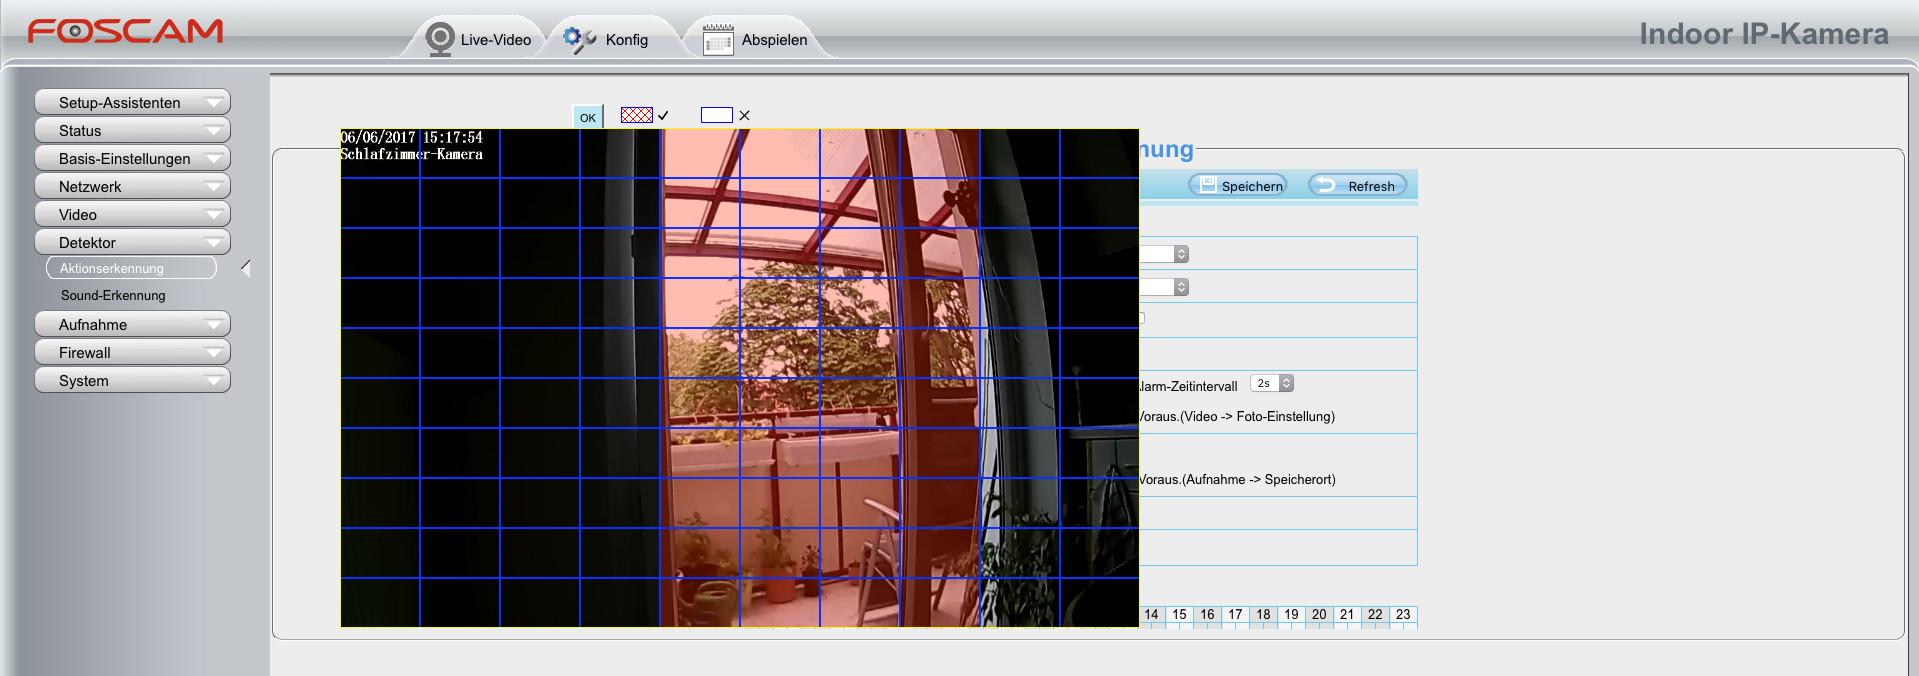 Foscam Alarmeinstellung Bild-Detektor